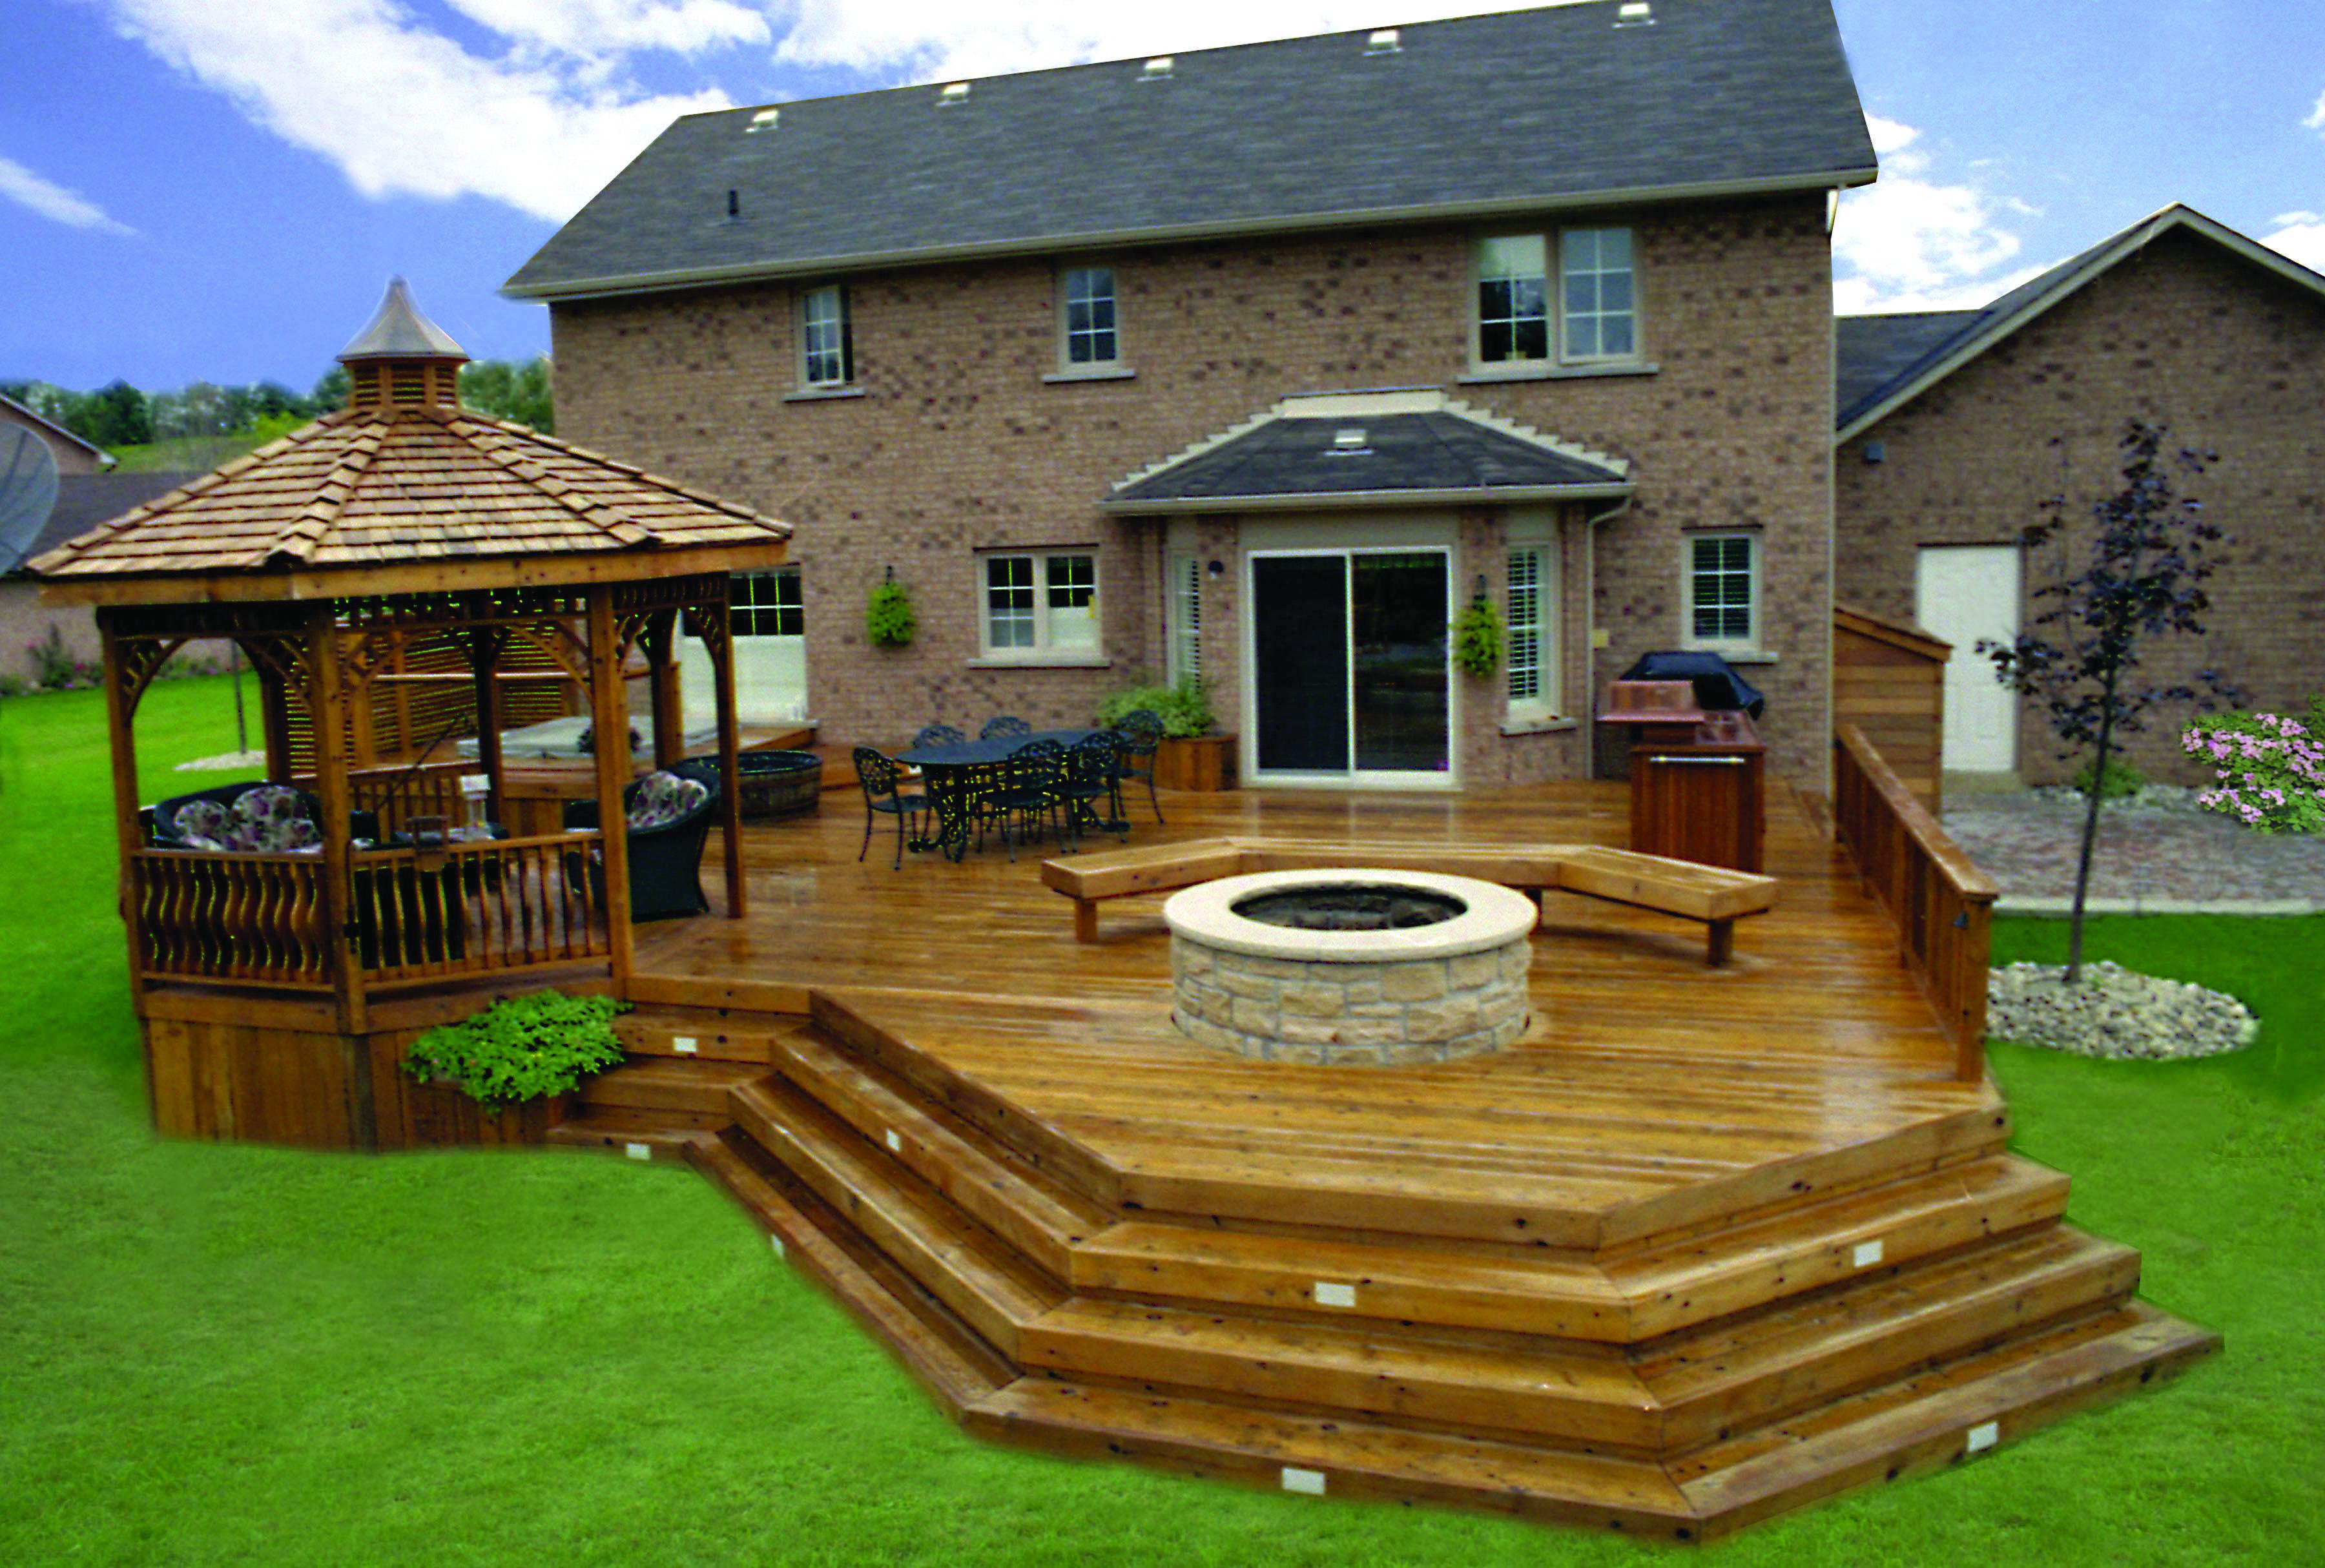 10 Beautiful, Easy DIY Backyard Decks - Homes Tre | Decks ... on Diy Back Deck Ideas id=36142